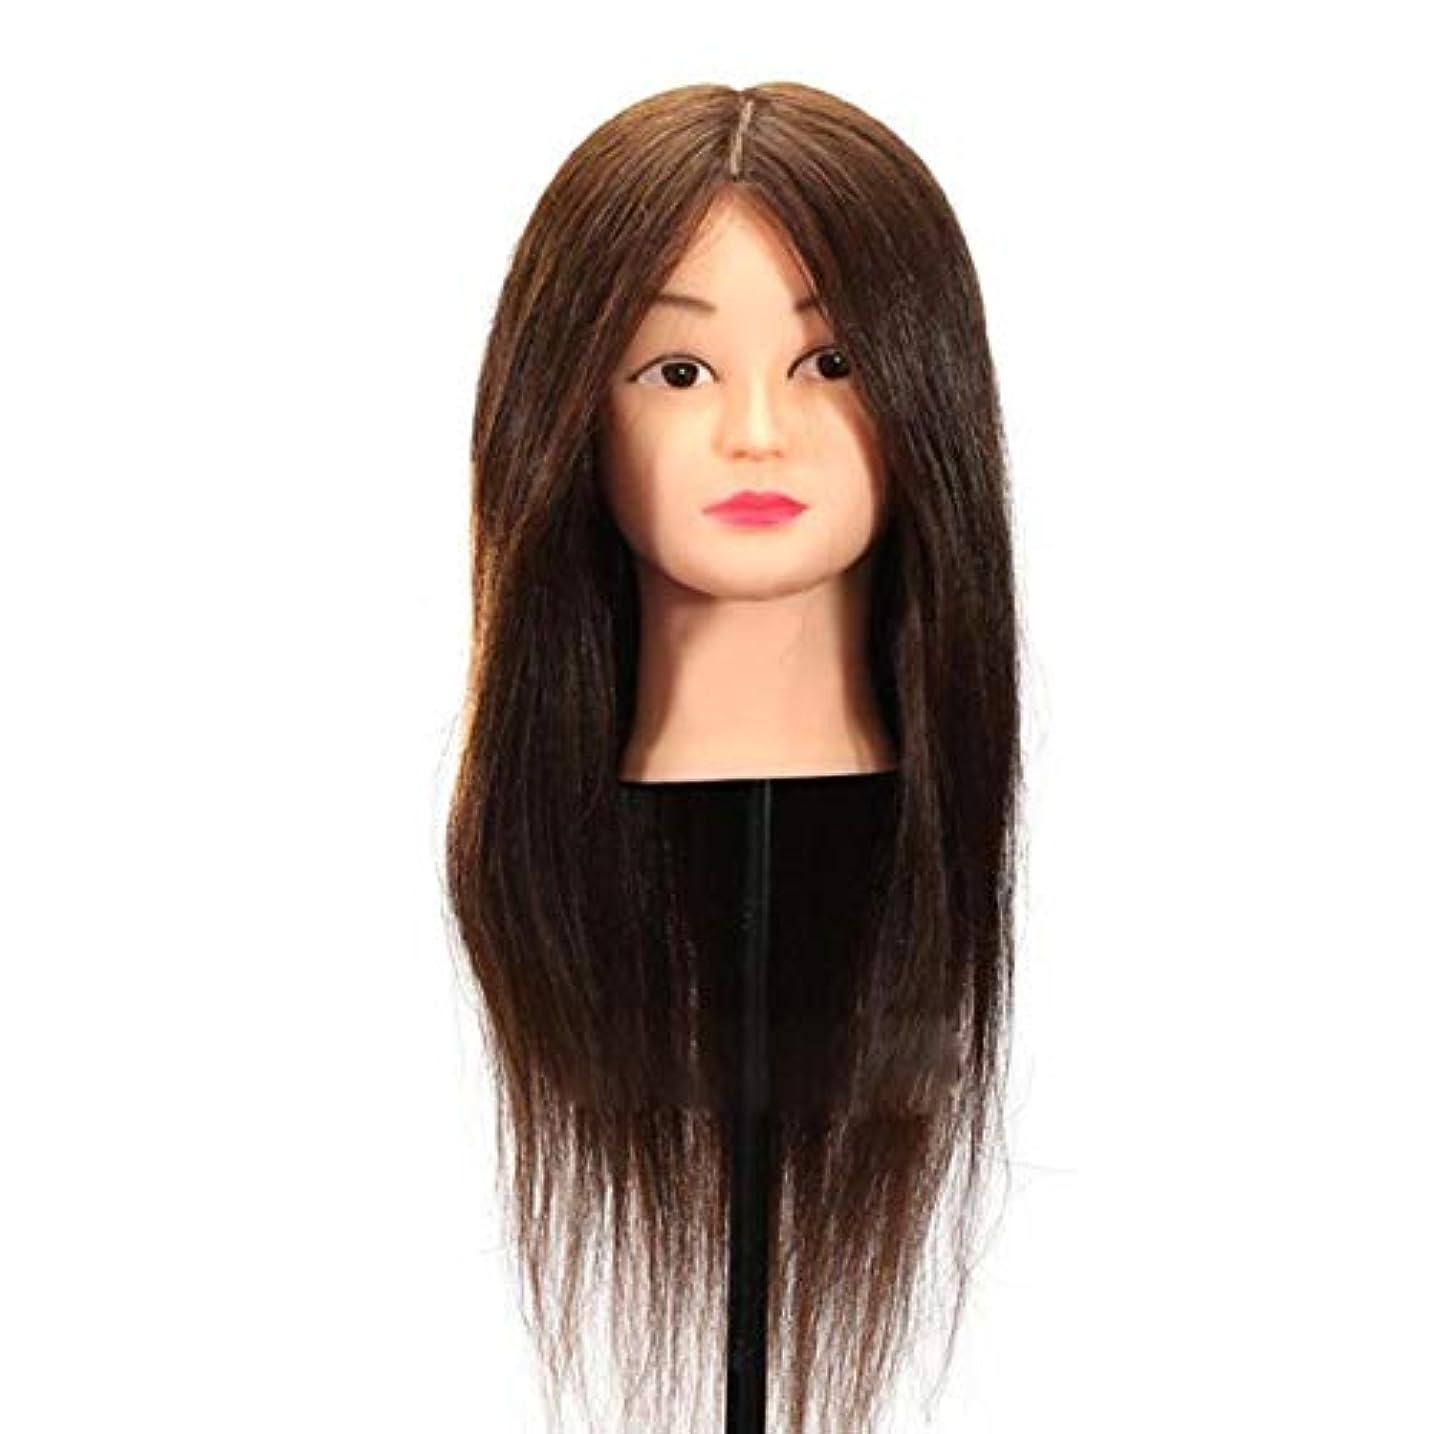 釈義キウイメインヘアマネキンヘッド練習ディスク髪編組ヘッドモデル理髪店学校教育かつらヘッドバンドブラケット